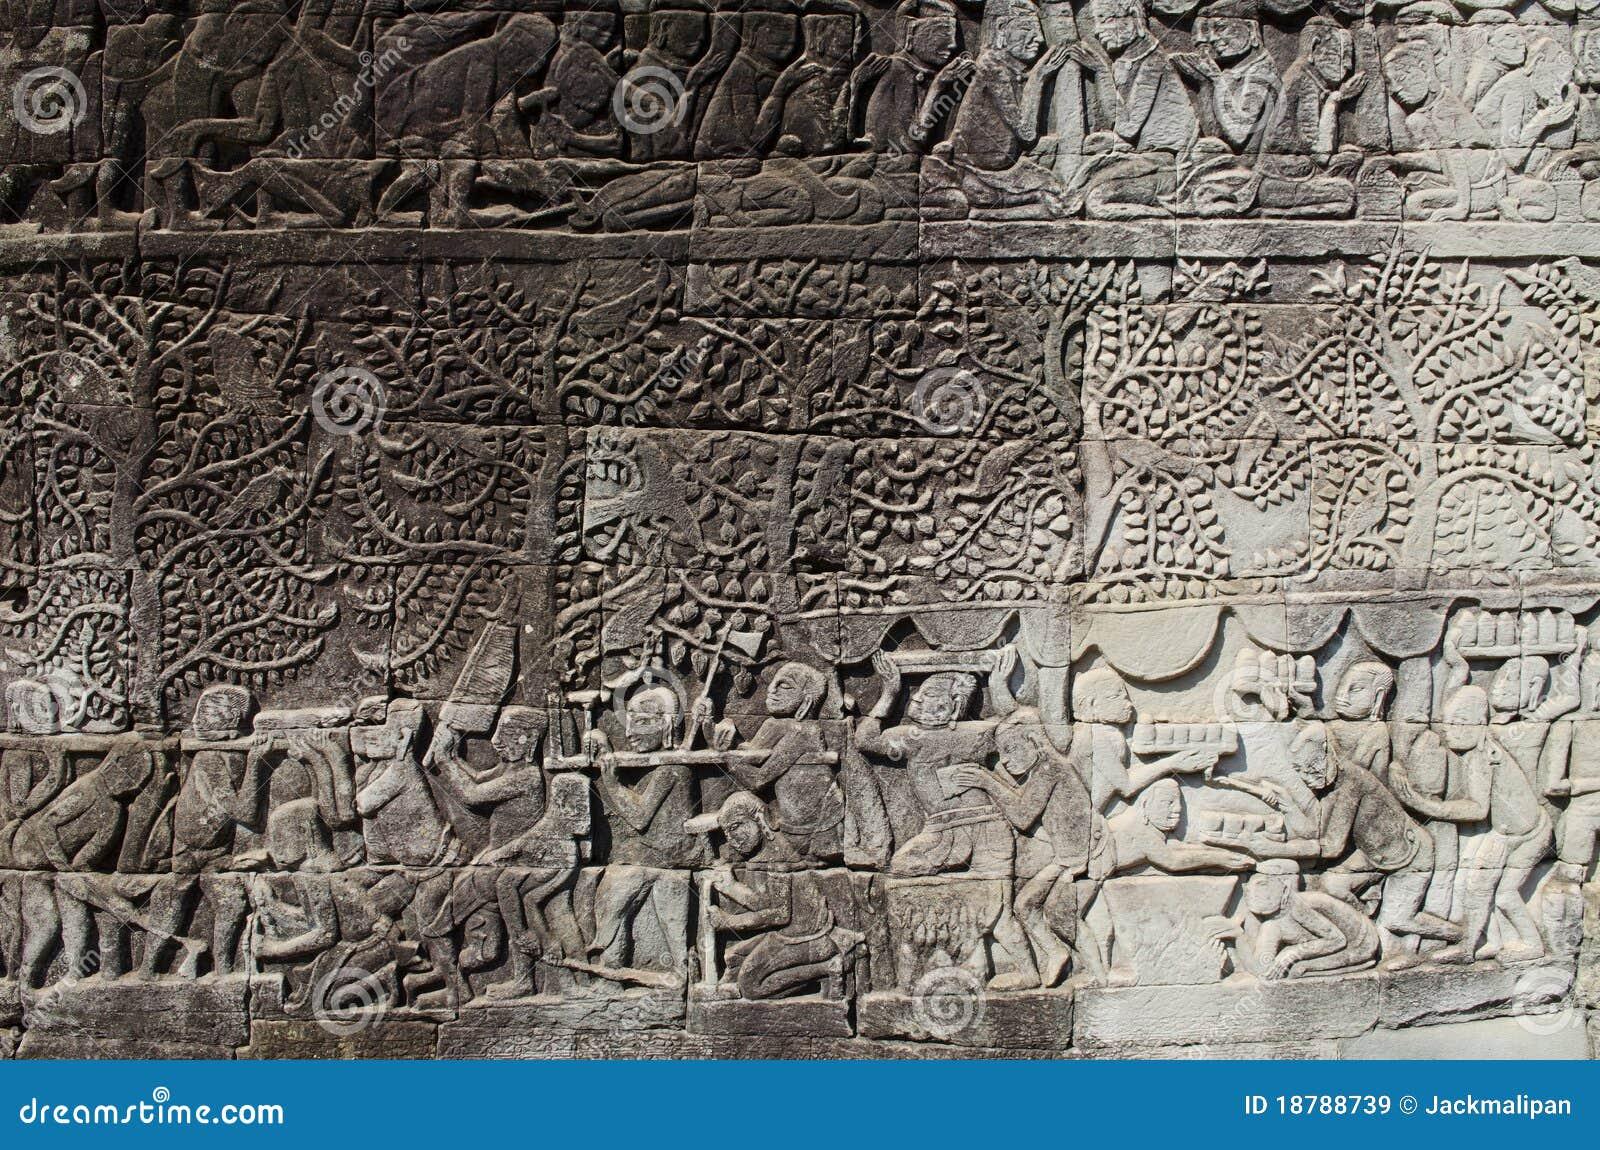 Khmer stone carvings angkor wat cambodia royalty free